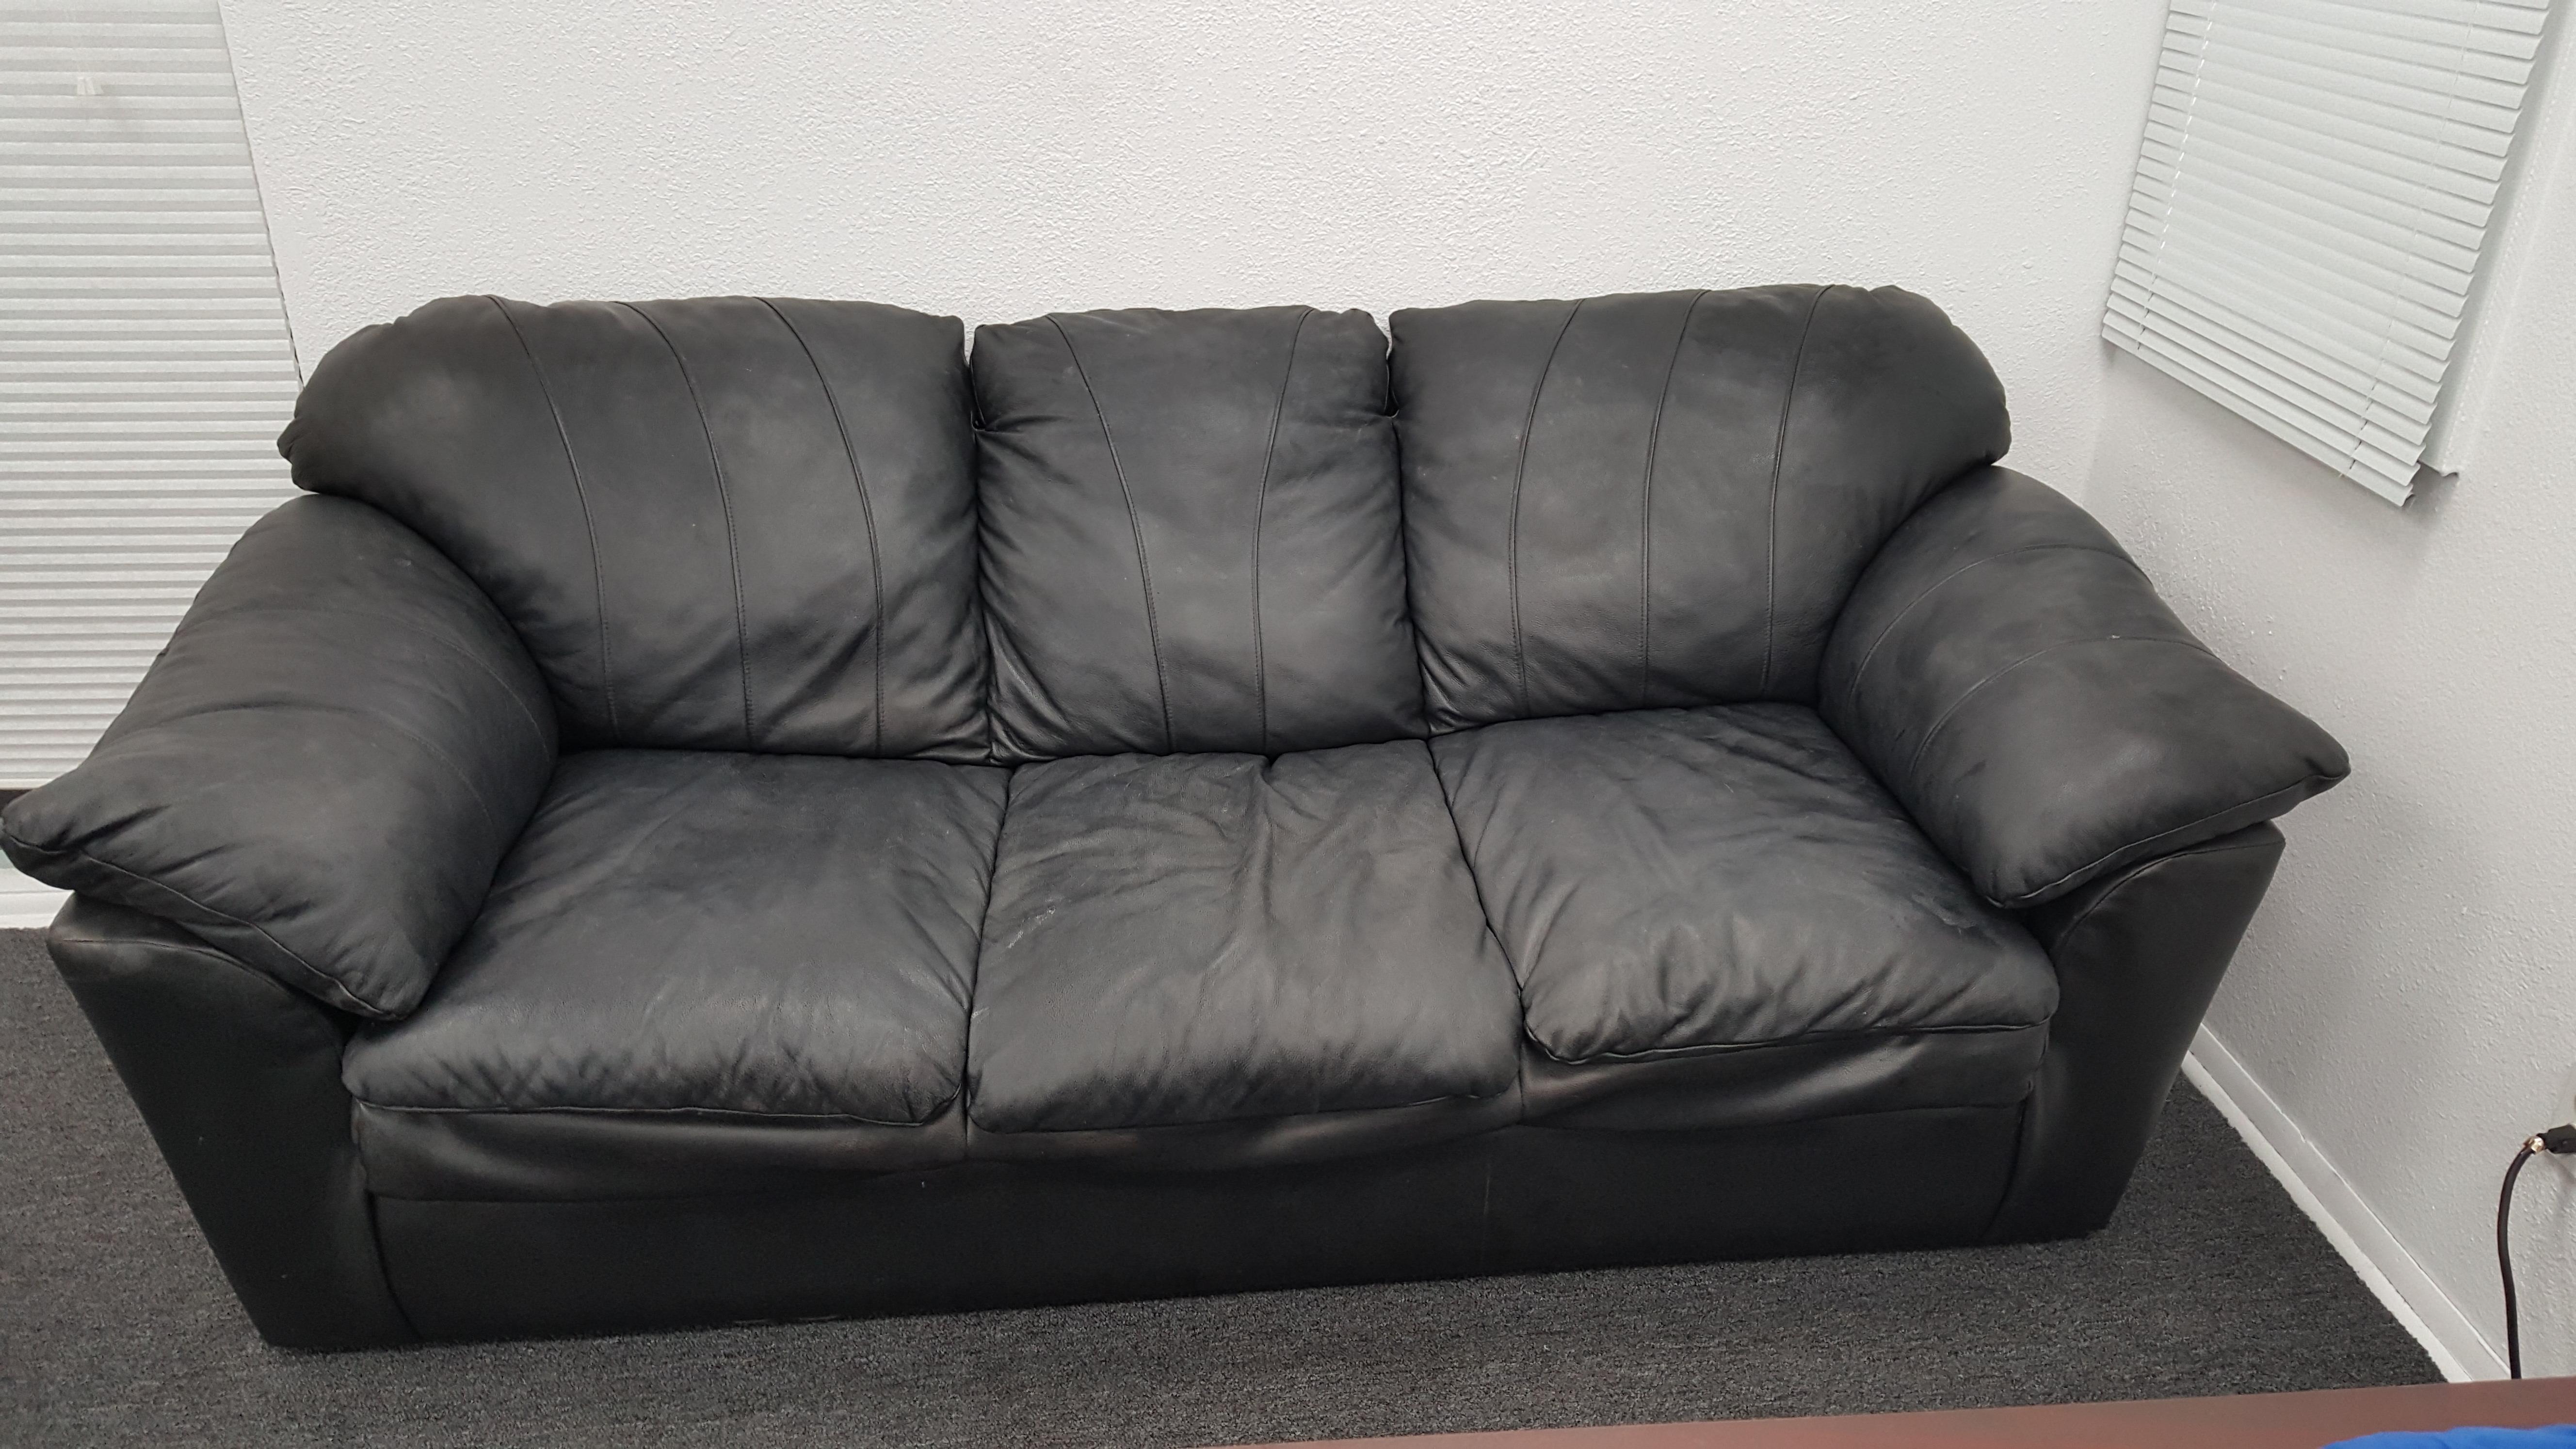 File:Backroom Casting Couch, Original, Scottsdale, AZ.jpg